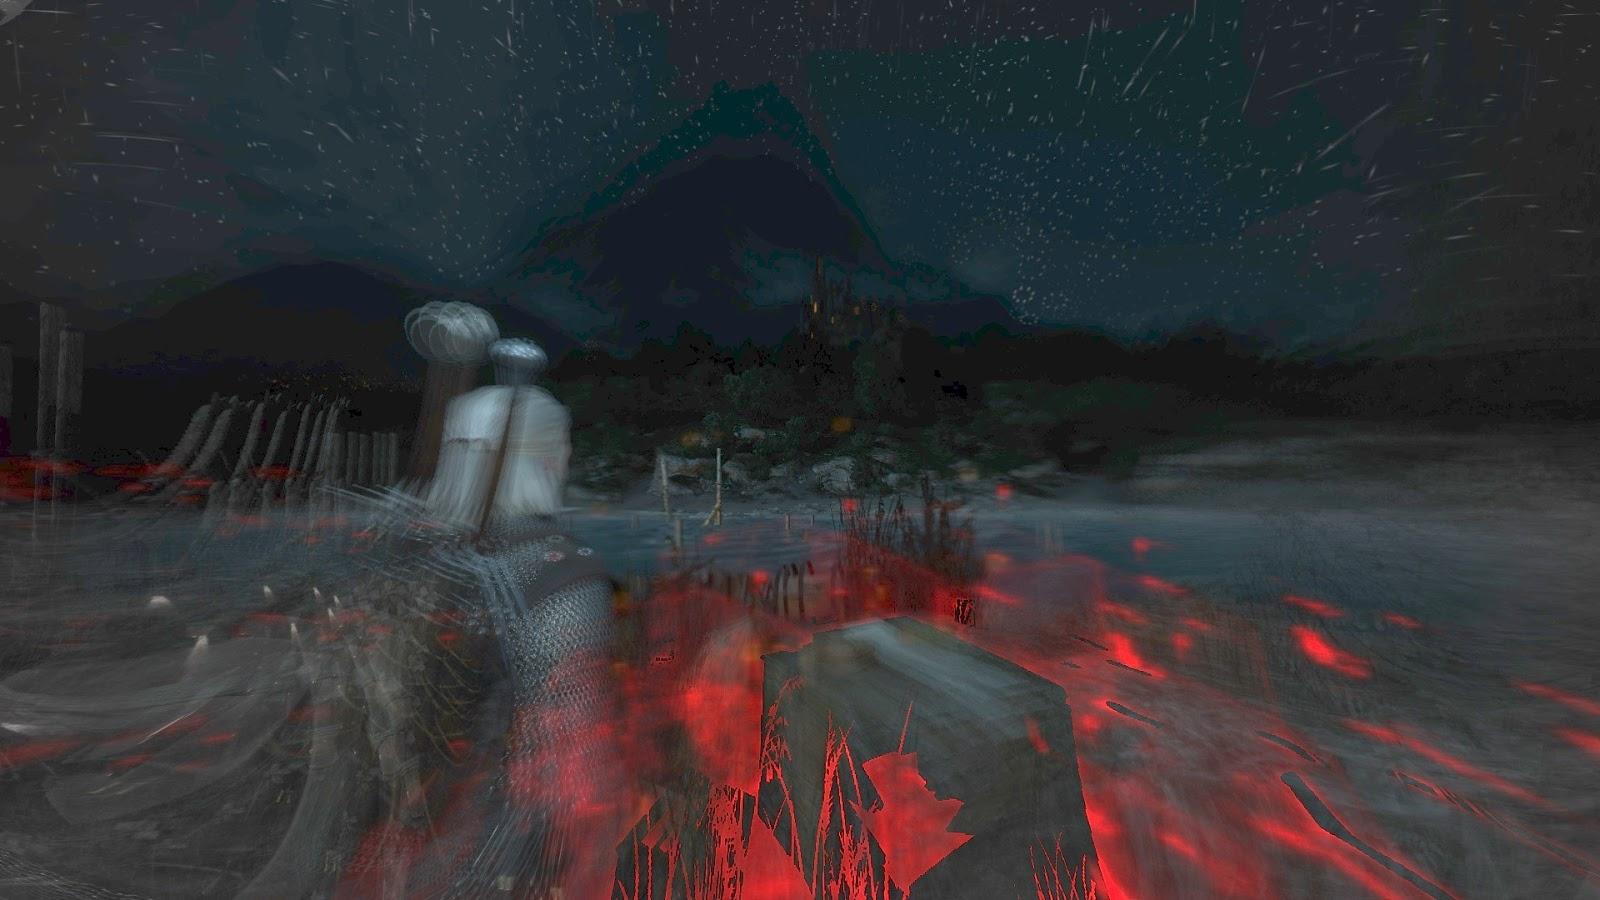 Как реализован рендеринг «Ведьмака 3»: молнии, ведьмачье чутьё и другие эффекты - 54